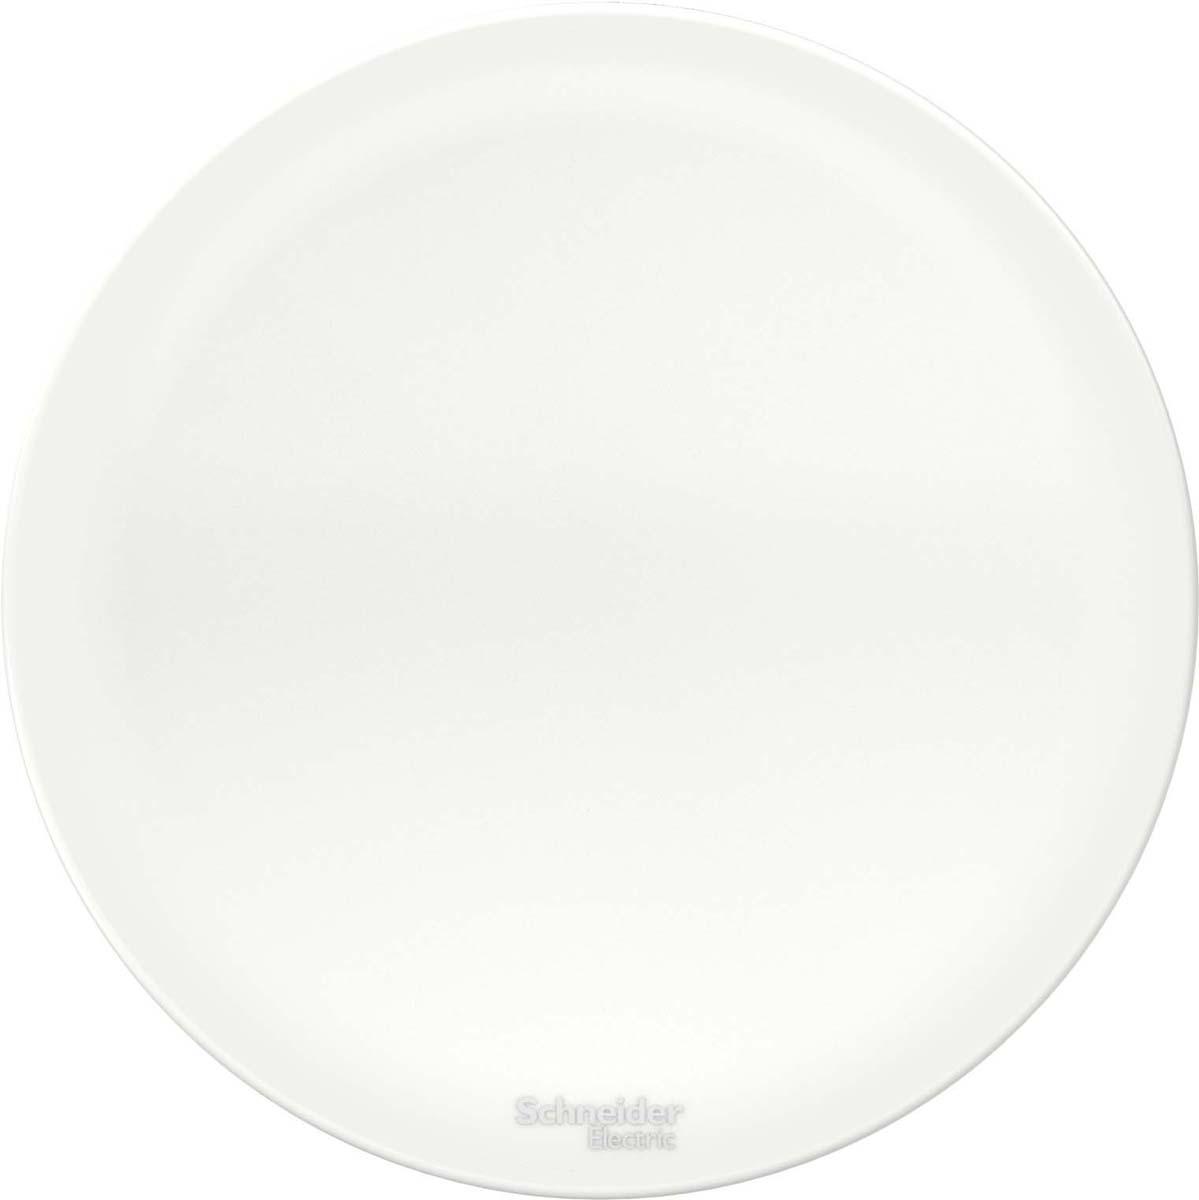 Звонок проводной Schneider Electric Blanca, ОП, 8мА, 250В , цвет: белый, BLNZA000011 светодиодный беспроводной перезвон дверной звонок дверной звонок